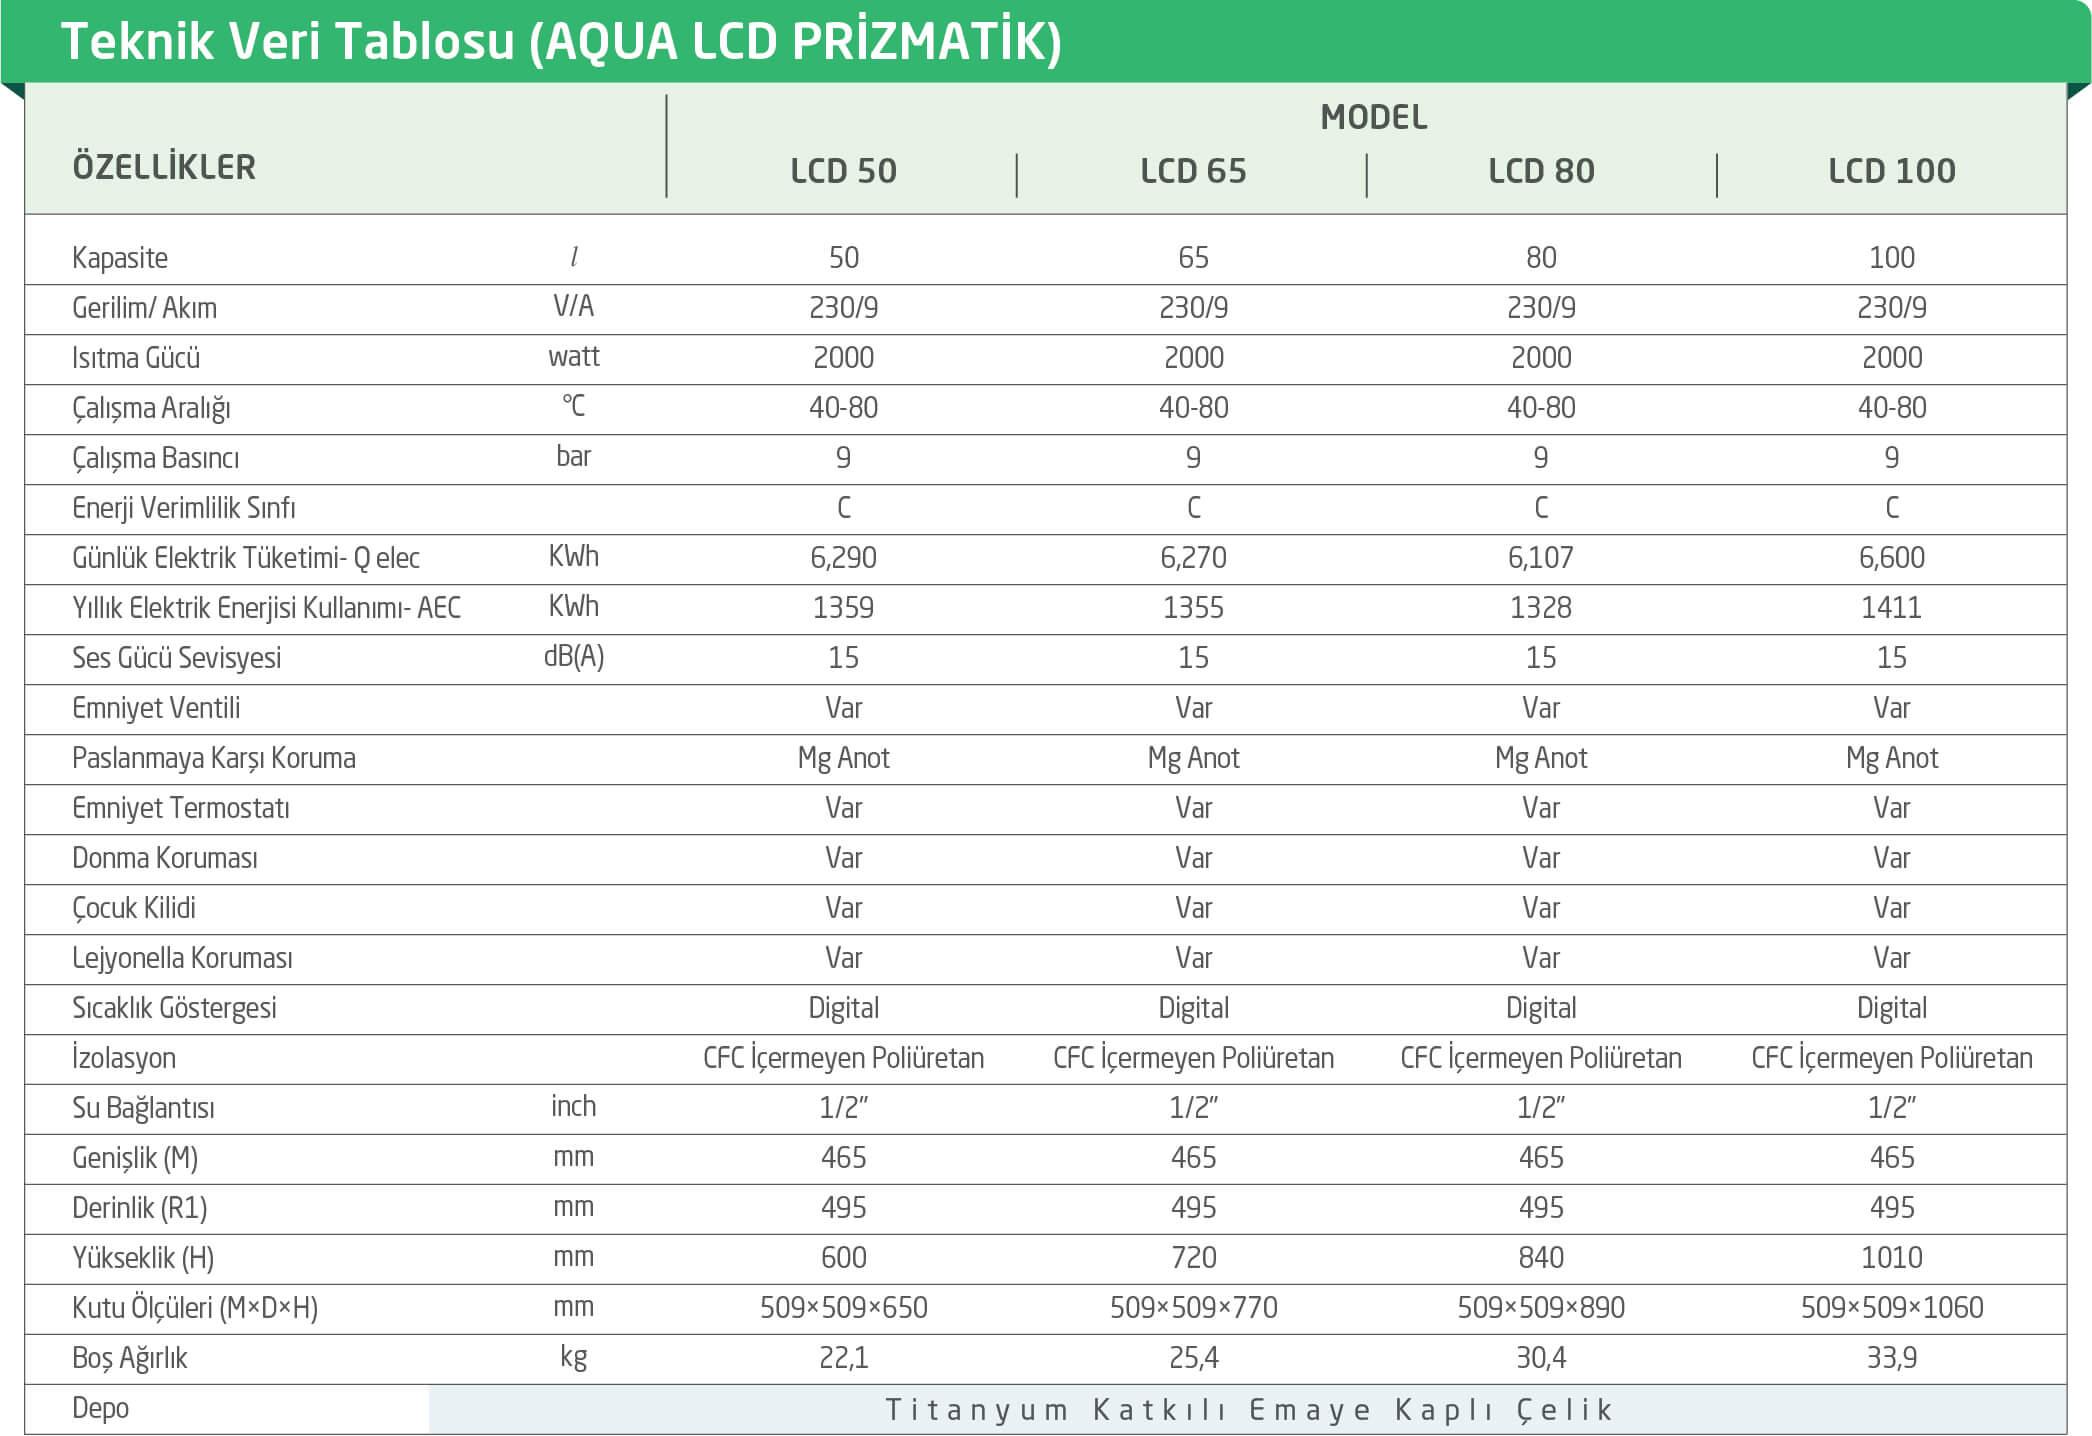 BAYMAK AQUA LCD PRİZMATİK SERİSİ TEKNİK ÖZELLİKLERİ